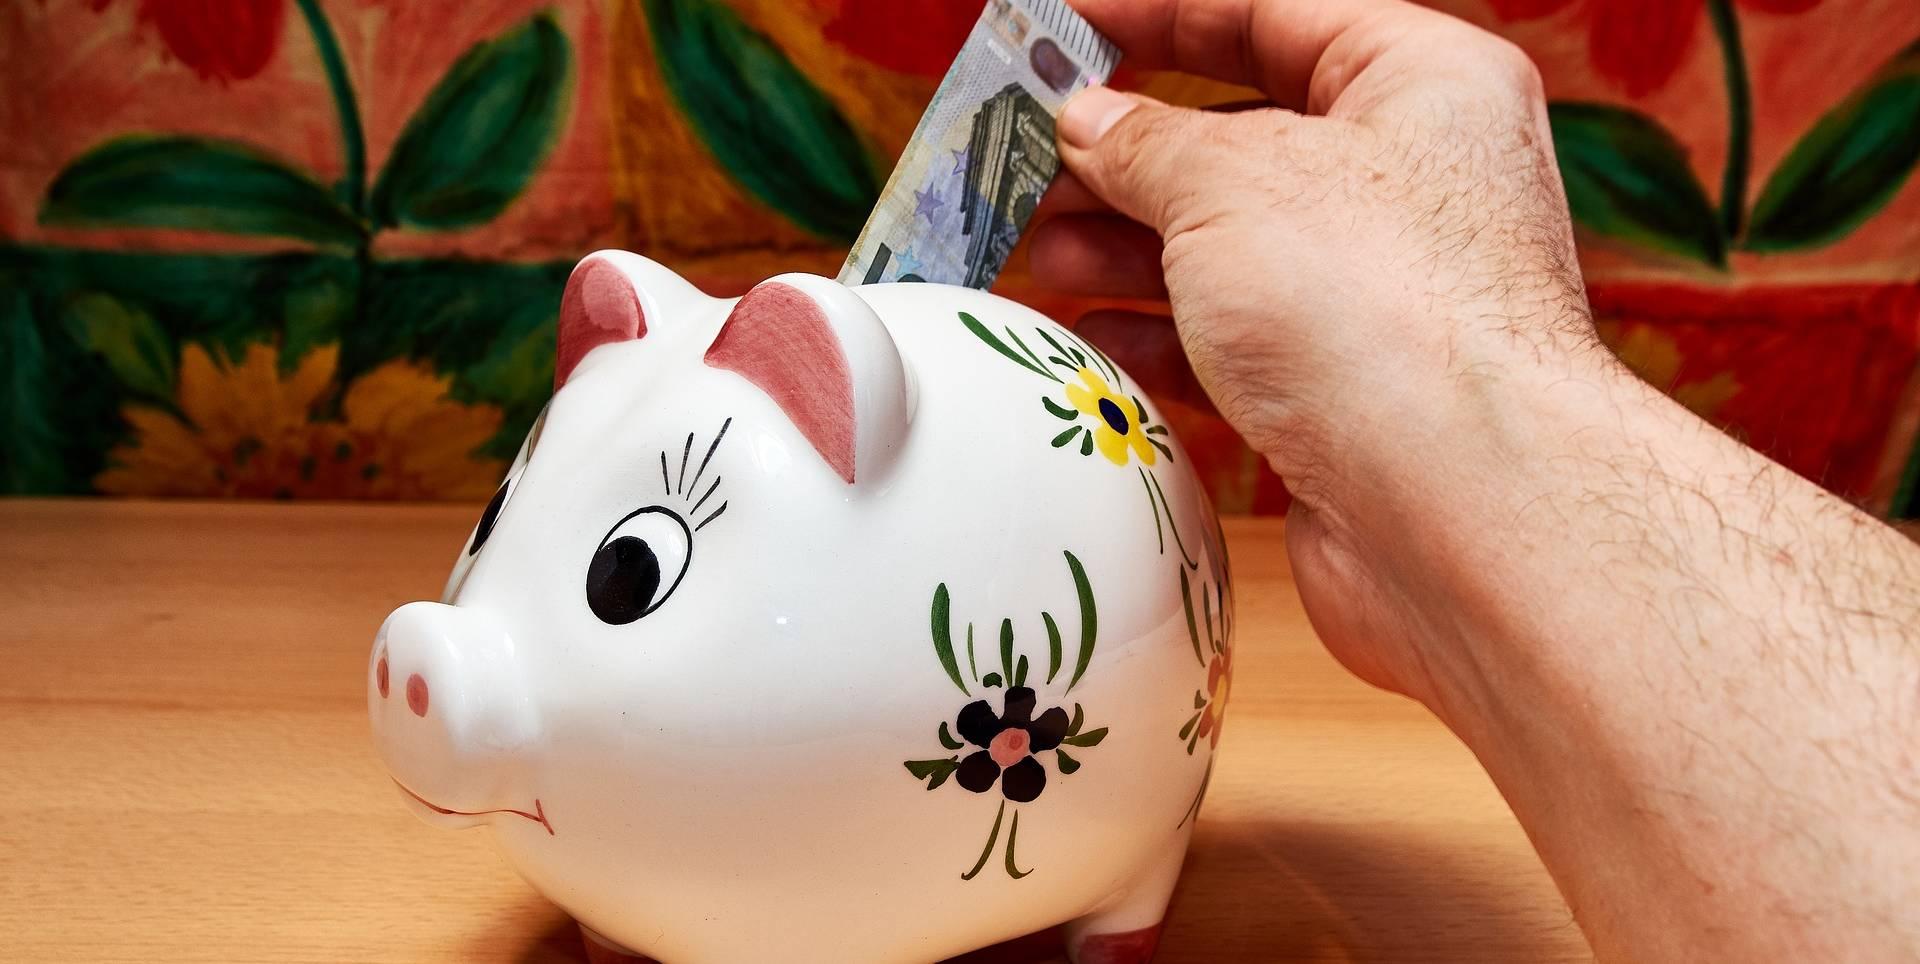 Anrechnung von lebzeitigen Schenkungen und Zuwendungen auf den Erbteil